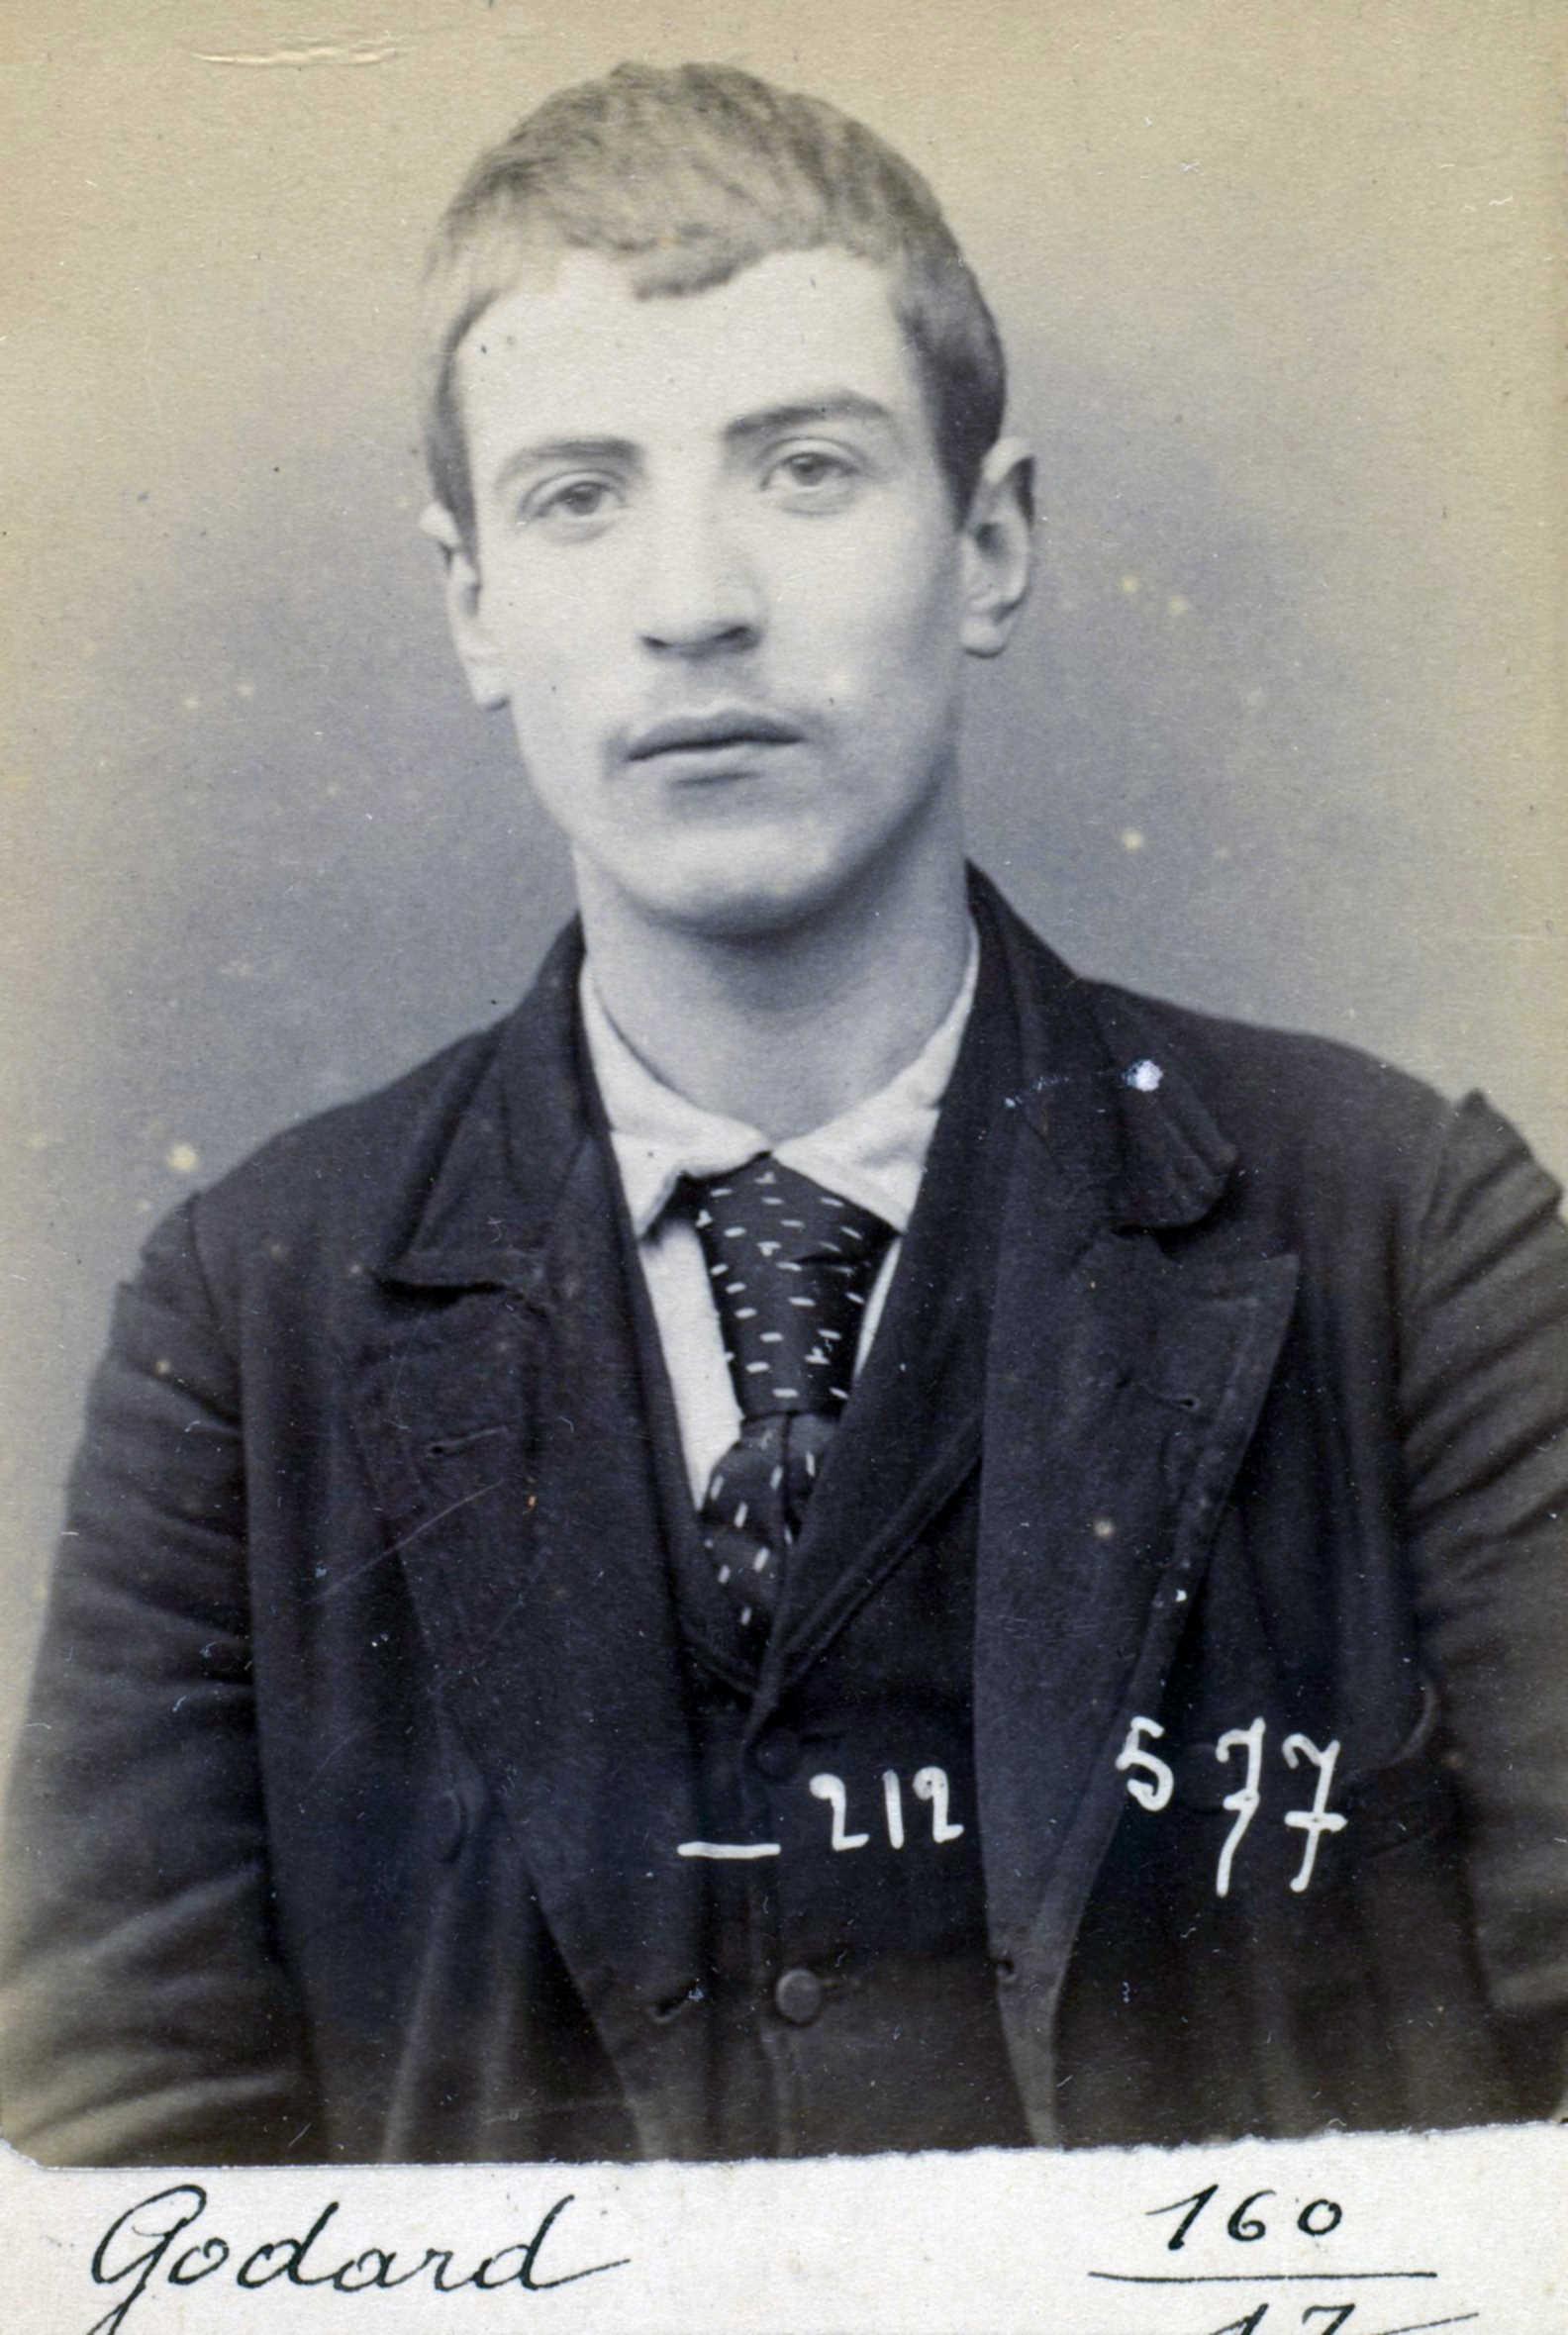 Foto policíaca d'Armand Godard (6 de gener de 1894)